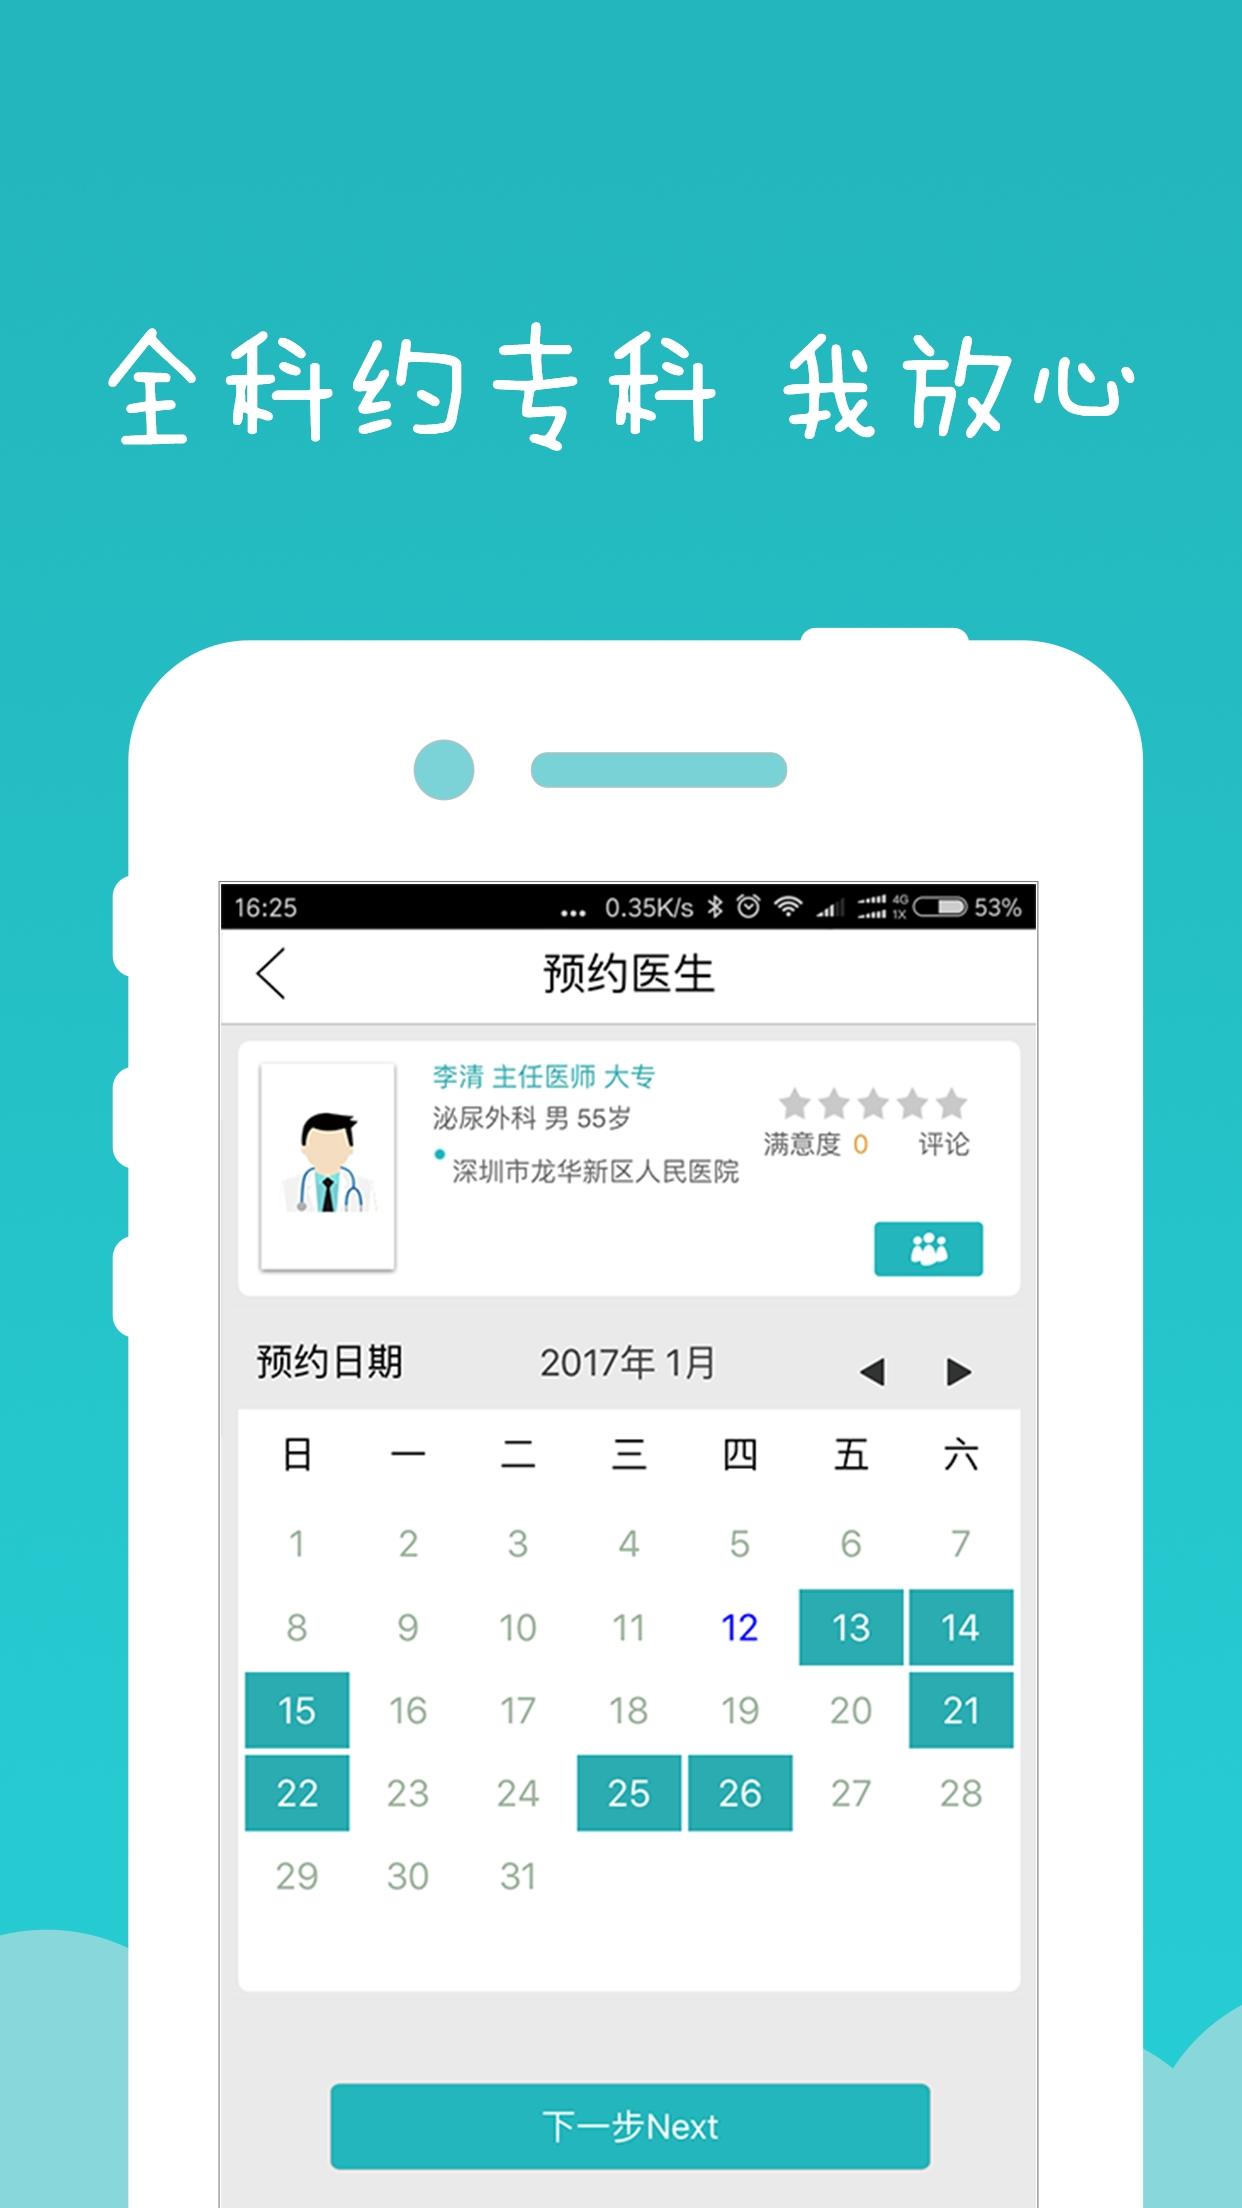 健康东莞安卓官方正版手机app下载v1.12截图1